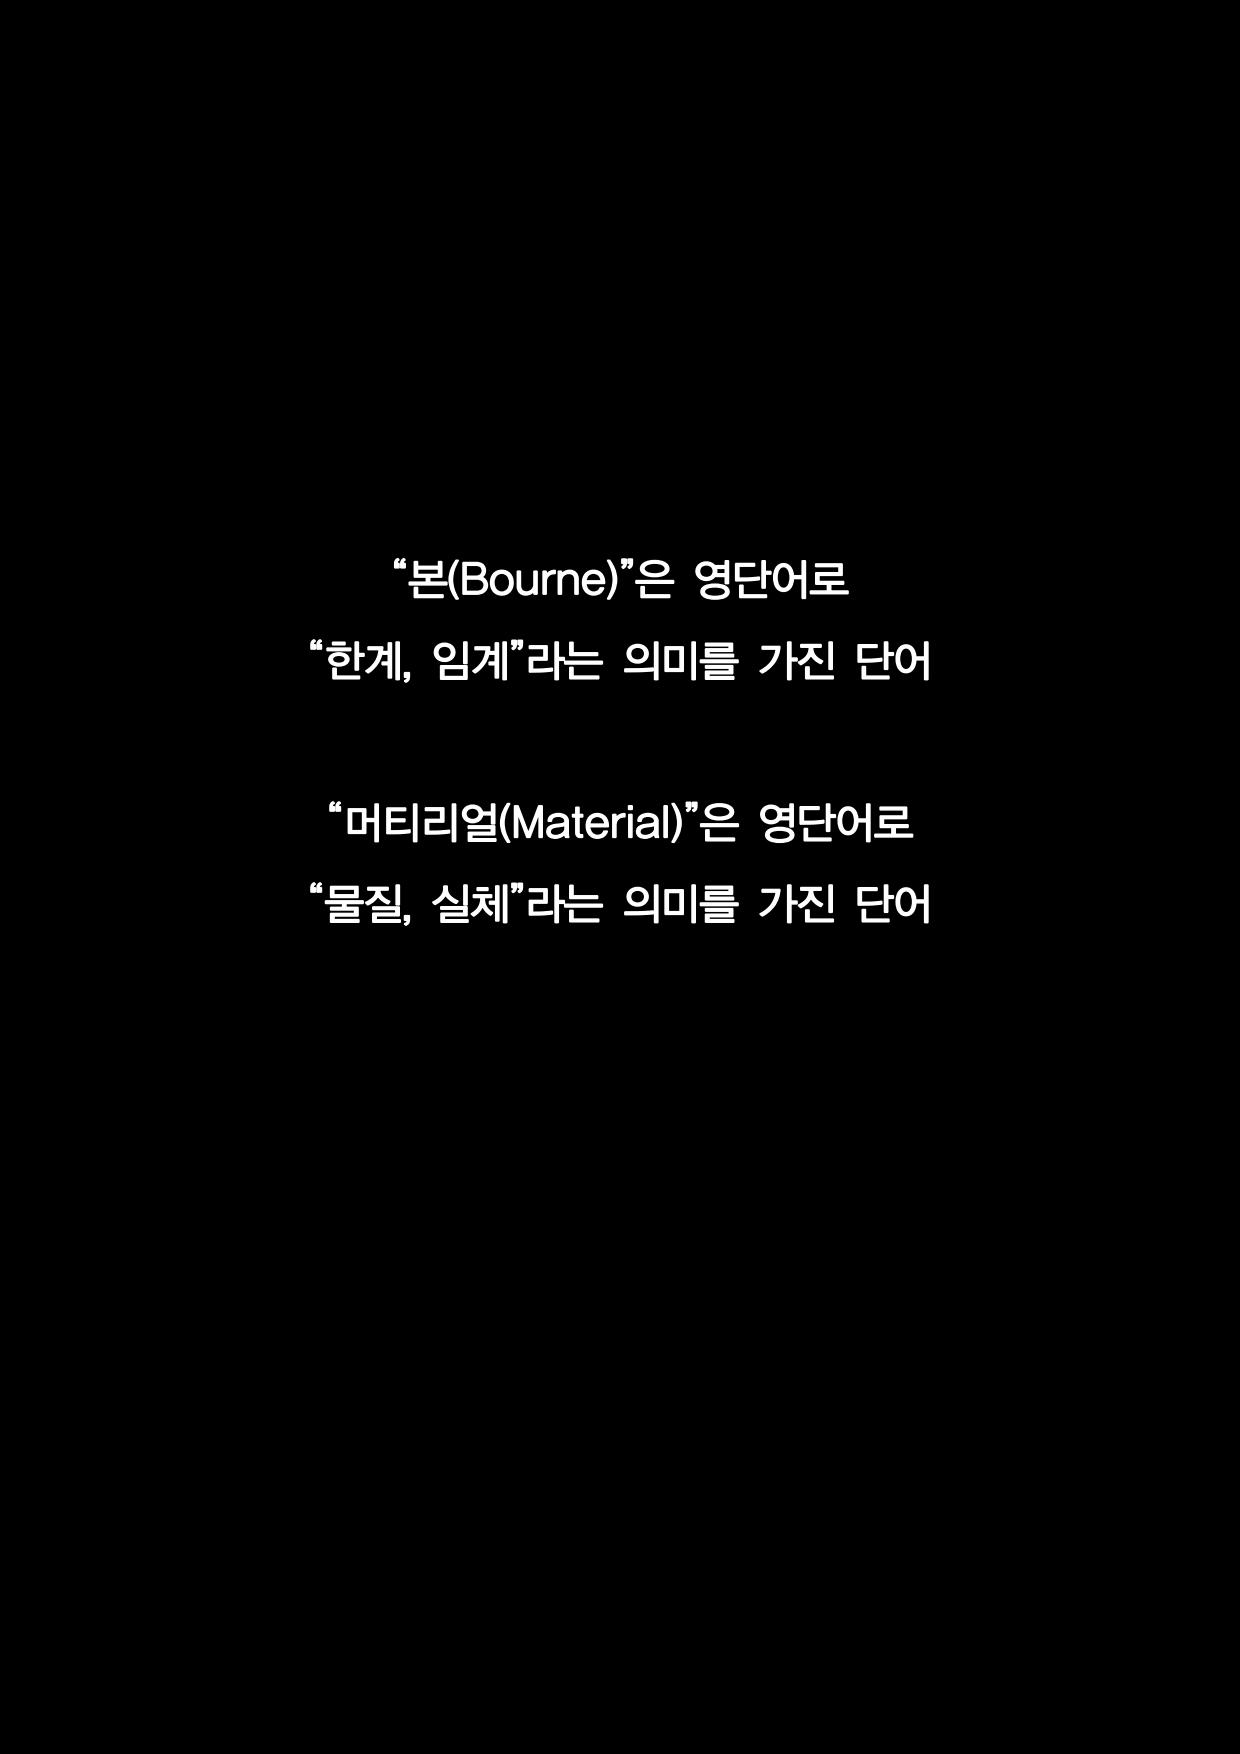 본 머티리어 1회차 홍보글(폰트 포함)_06.png